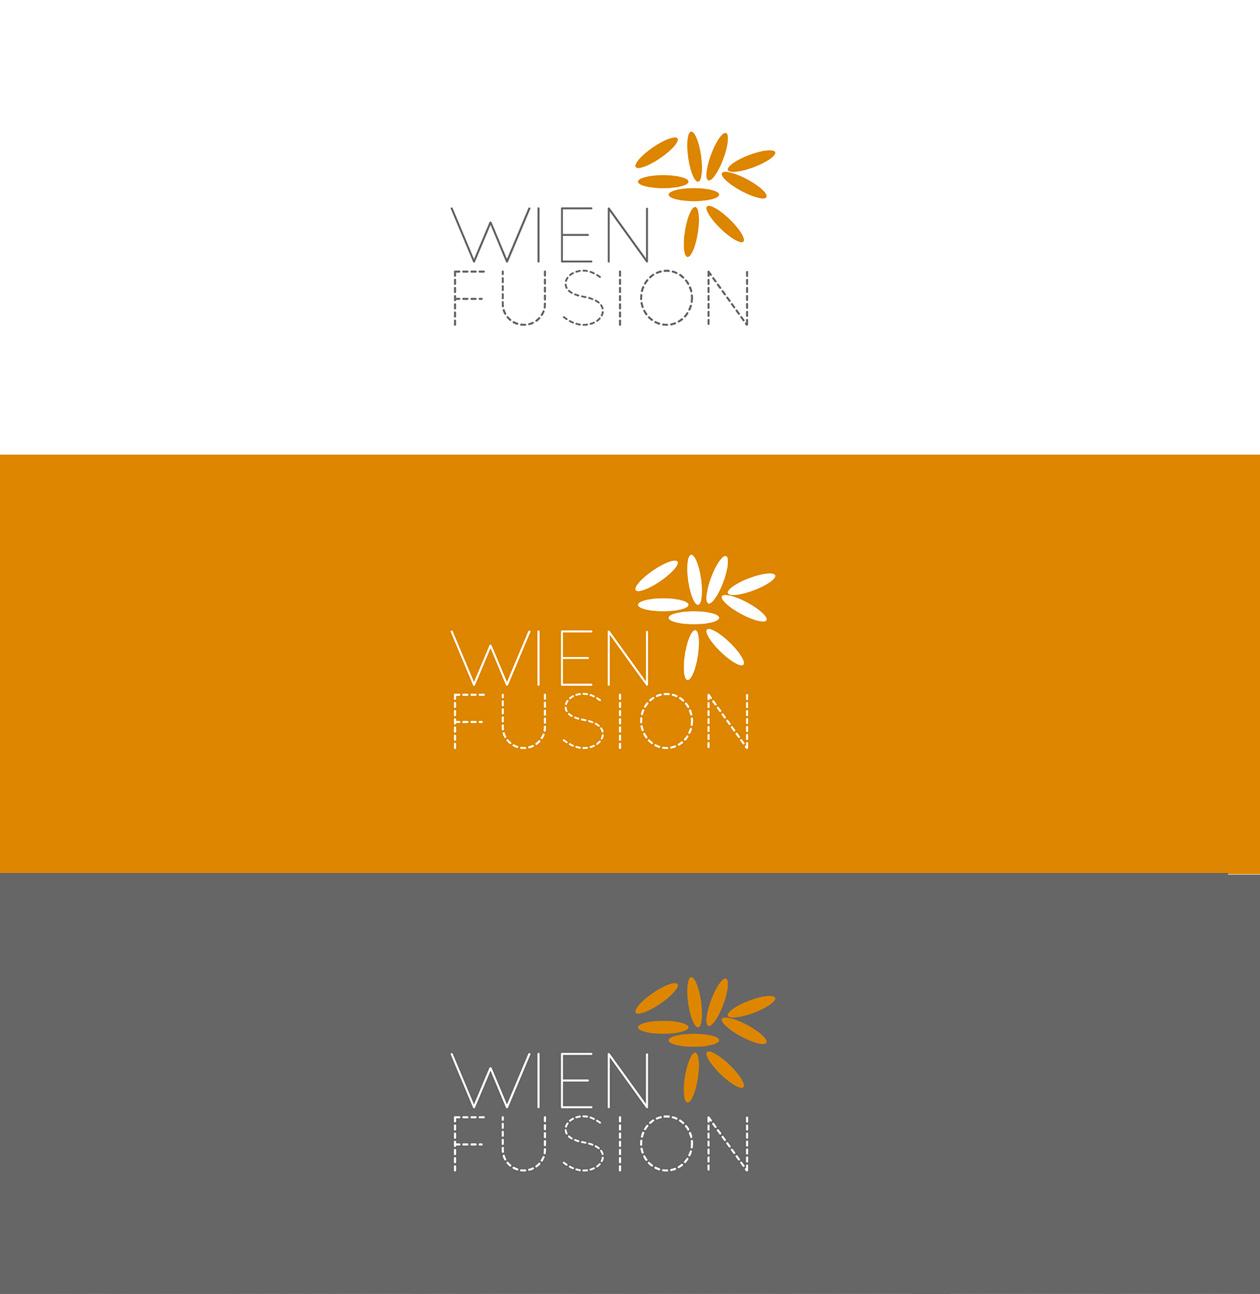 wien-fusion-03